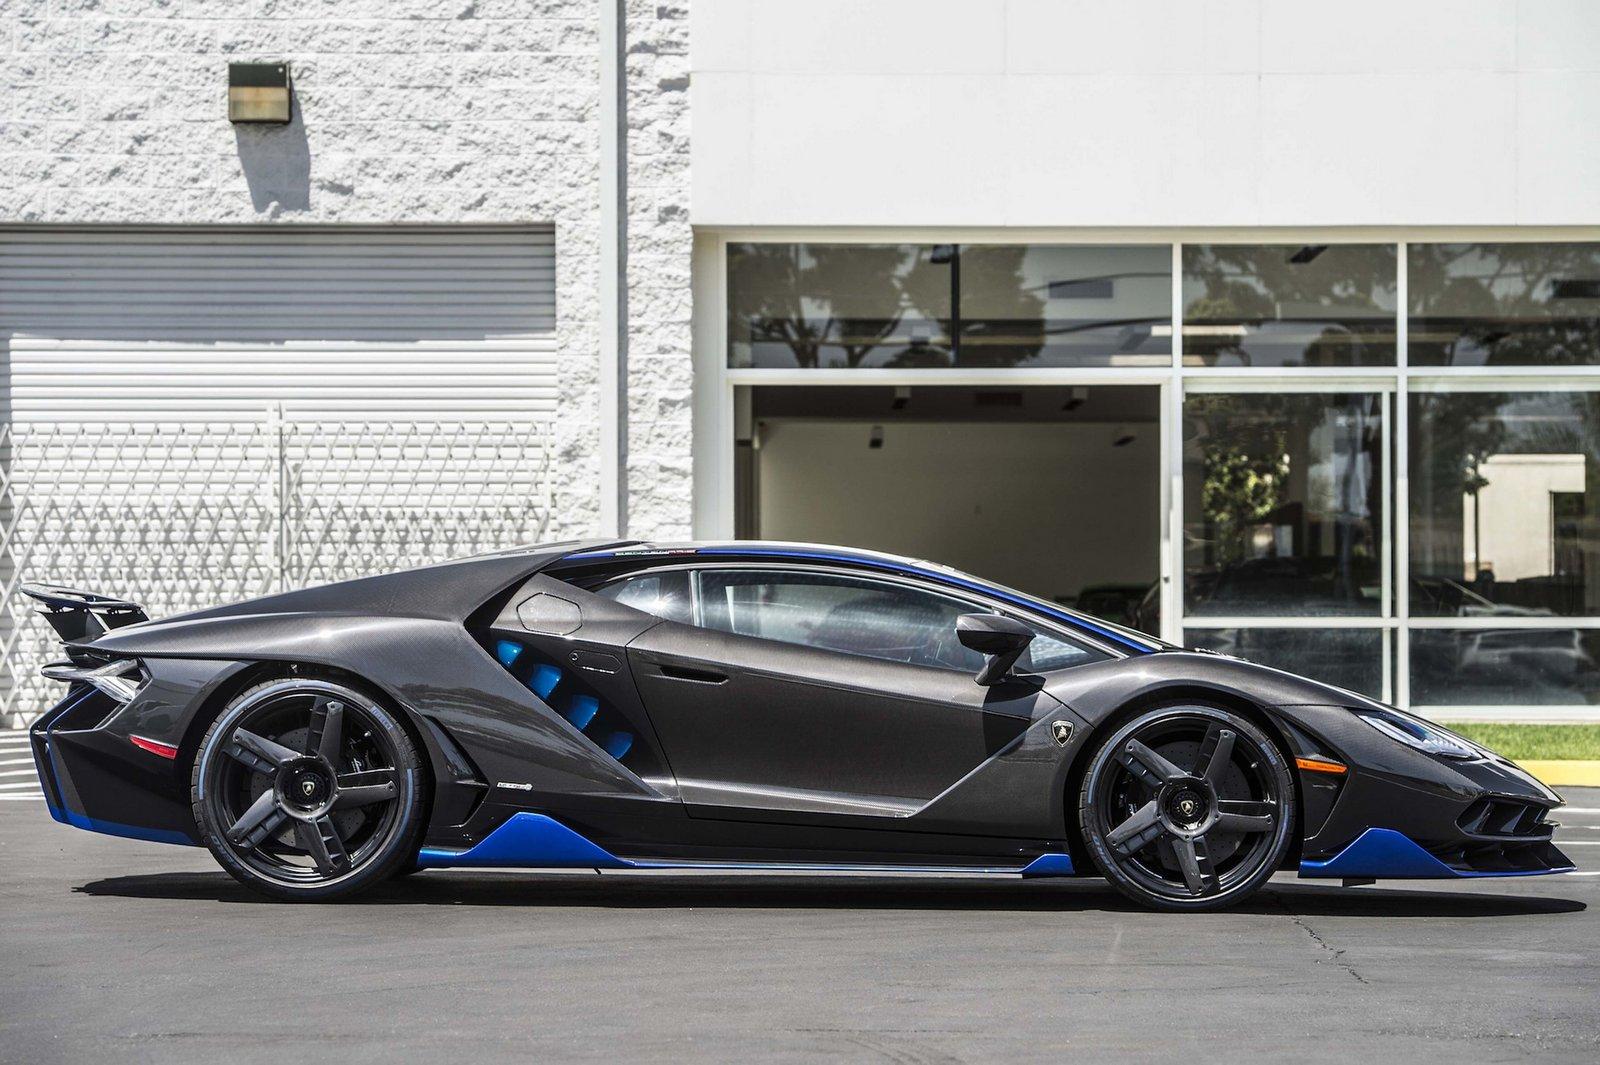 Cost U Less >> Lamborghini Delivers The First Centenario In The U.S. | Carscoops